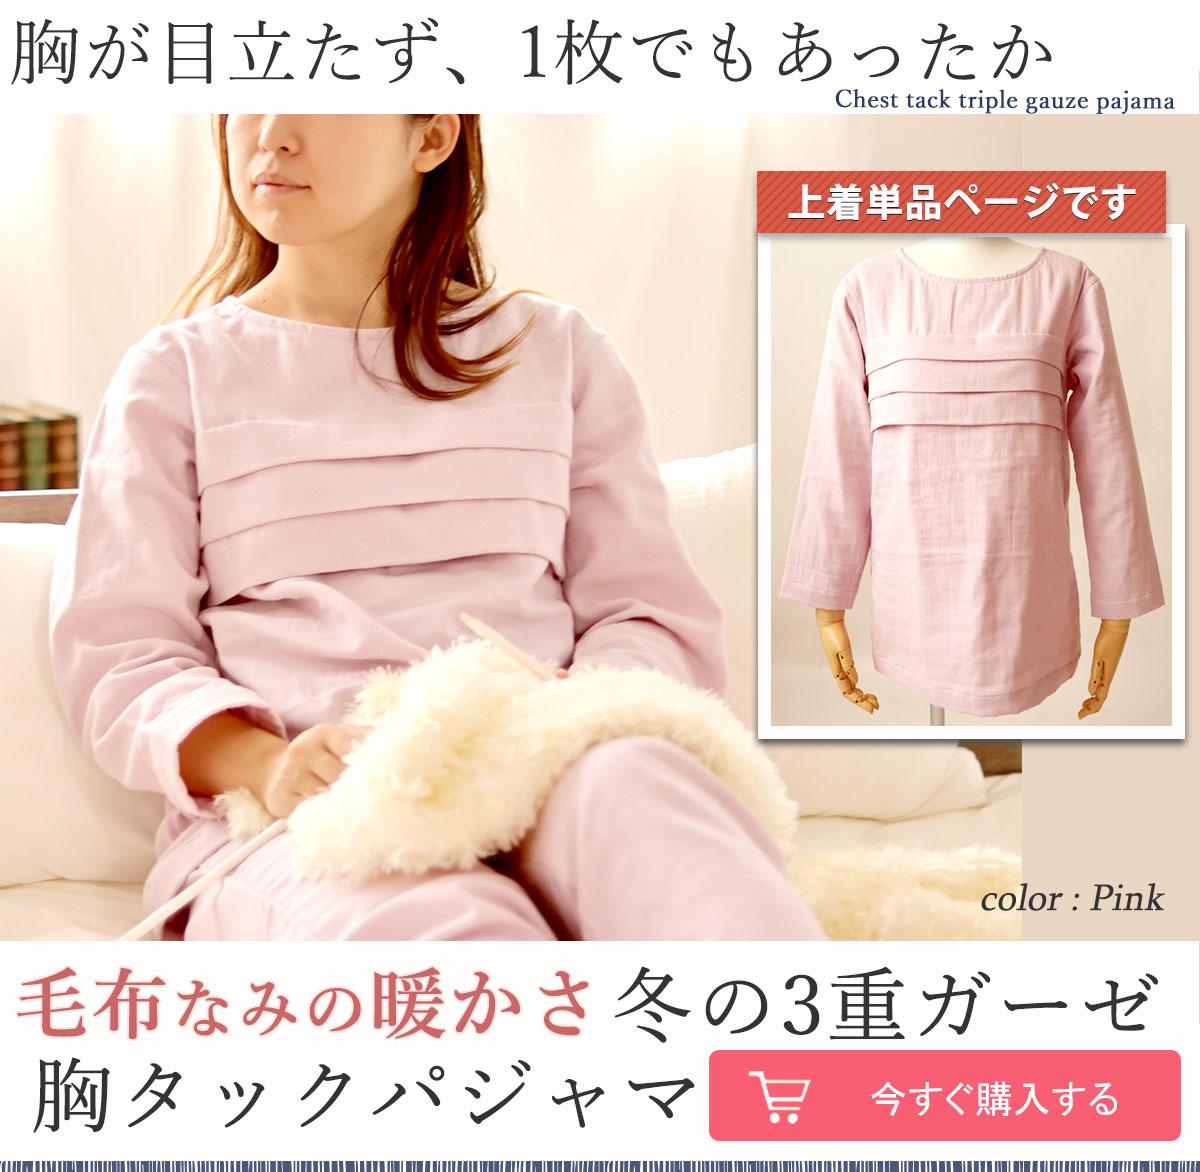 胸が目立たず1枚でもあったか、ふっくら感、保温性1.5倍に!3重ガーゼ×エアータンブラーで毛布なみの暖かさ冬の3重ガーゼ胸タックパジャマ上着単品